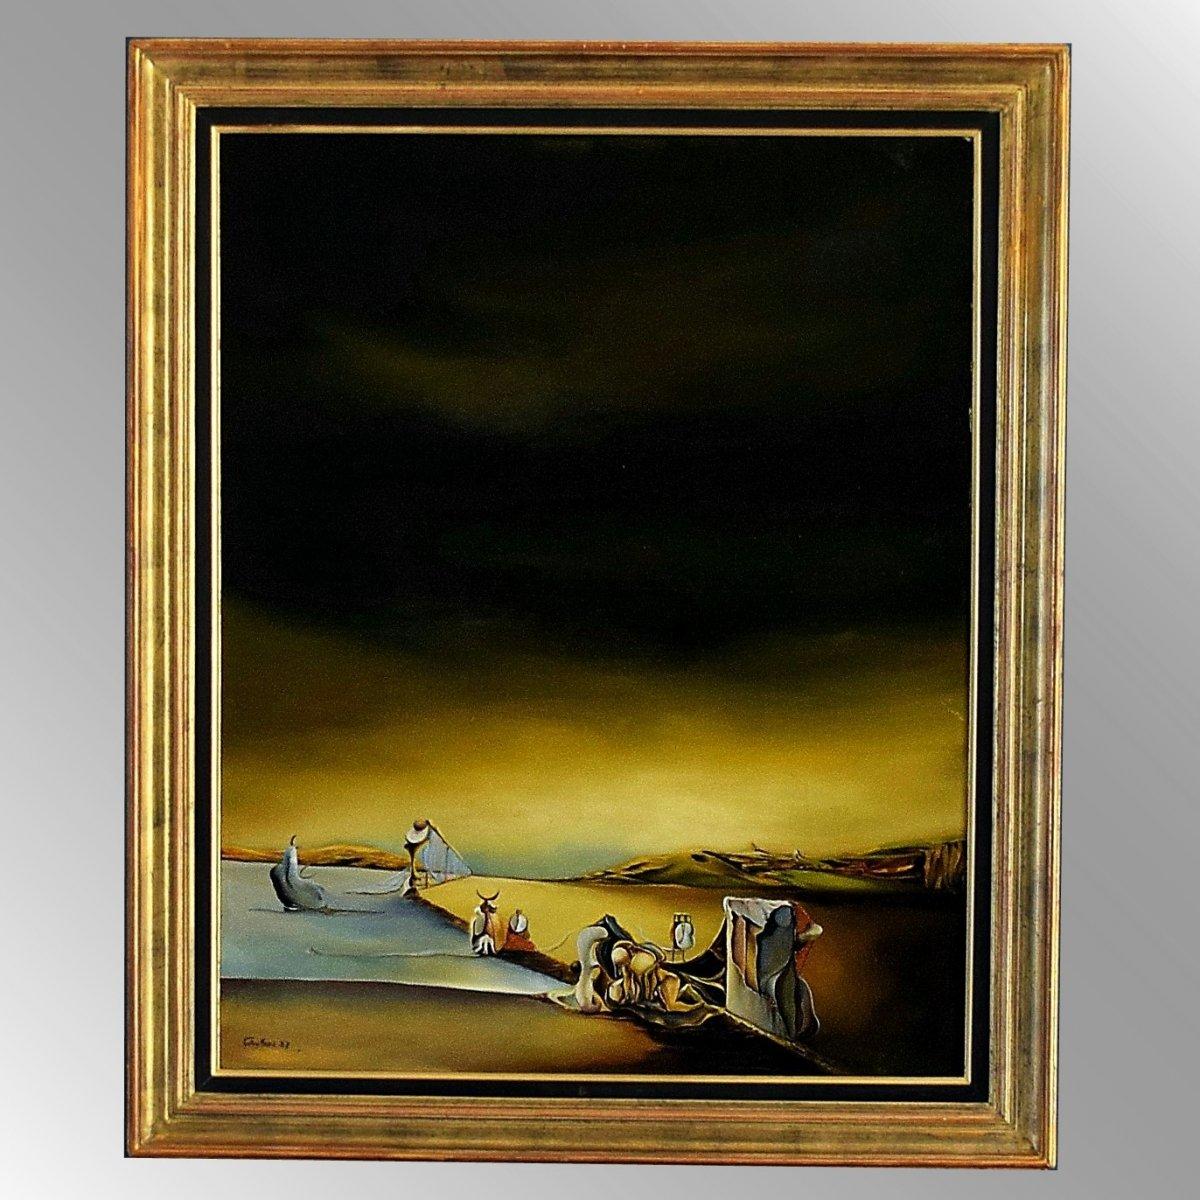 Grande peinture surréaliste signée Faky Sard